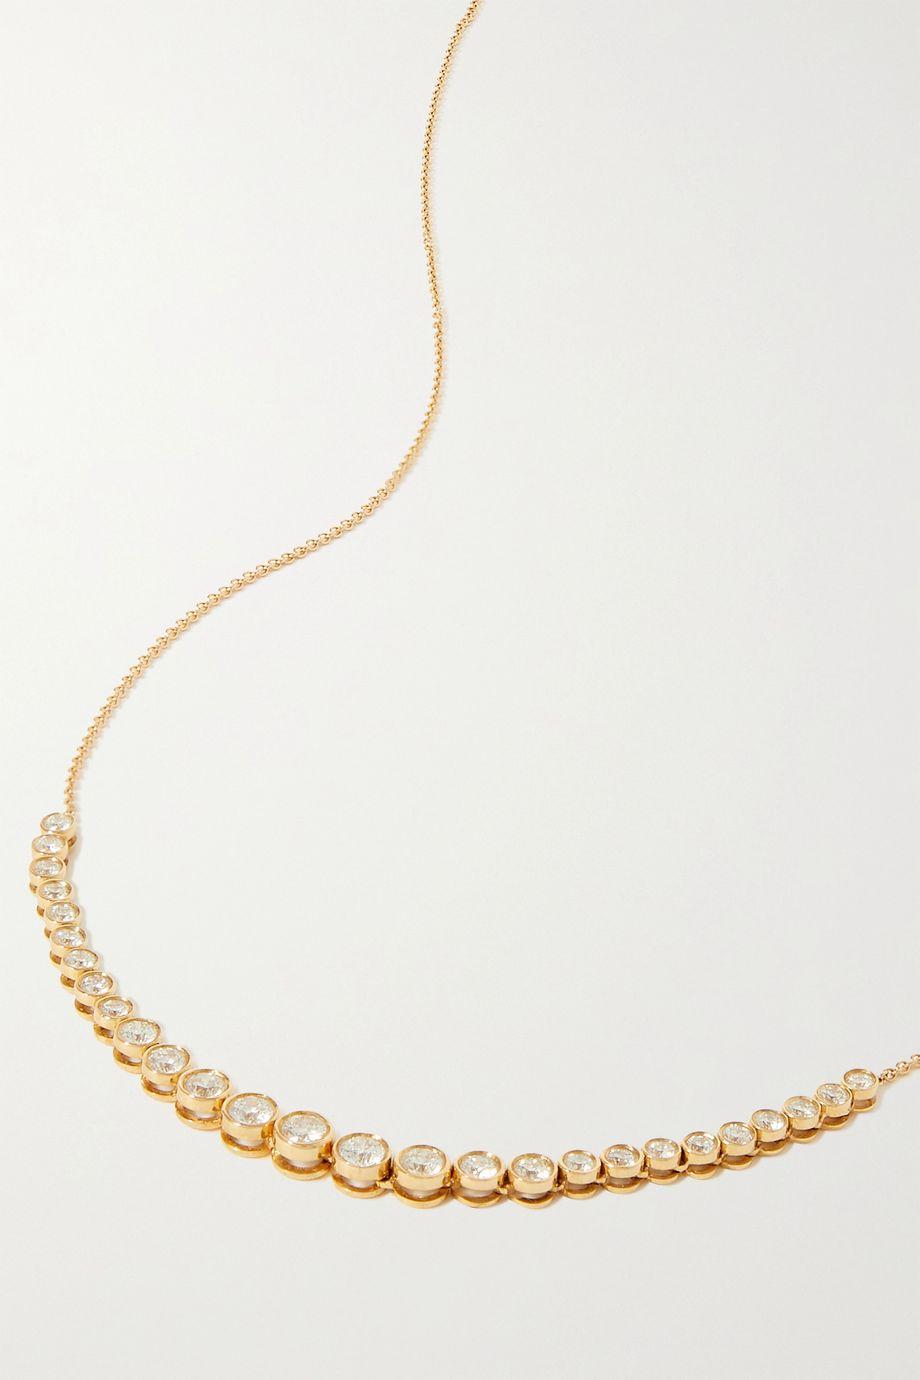 STONE AND STRAND Let It Slide Kette aus 10 Karat Gold mit Diamanten